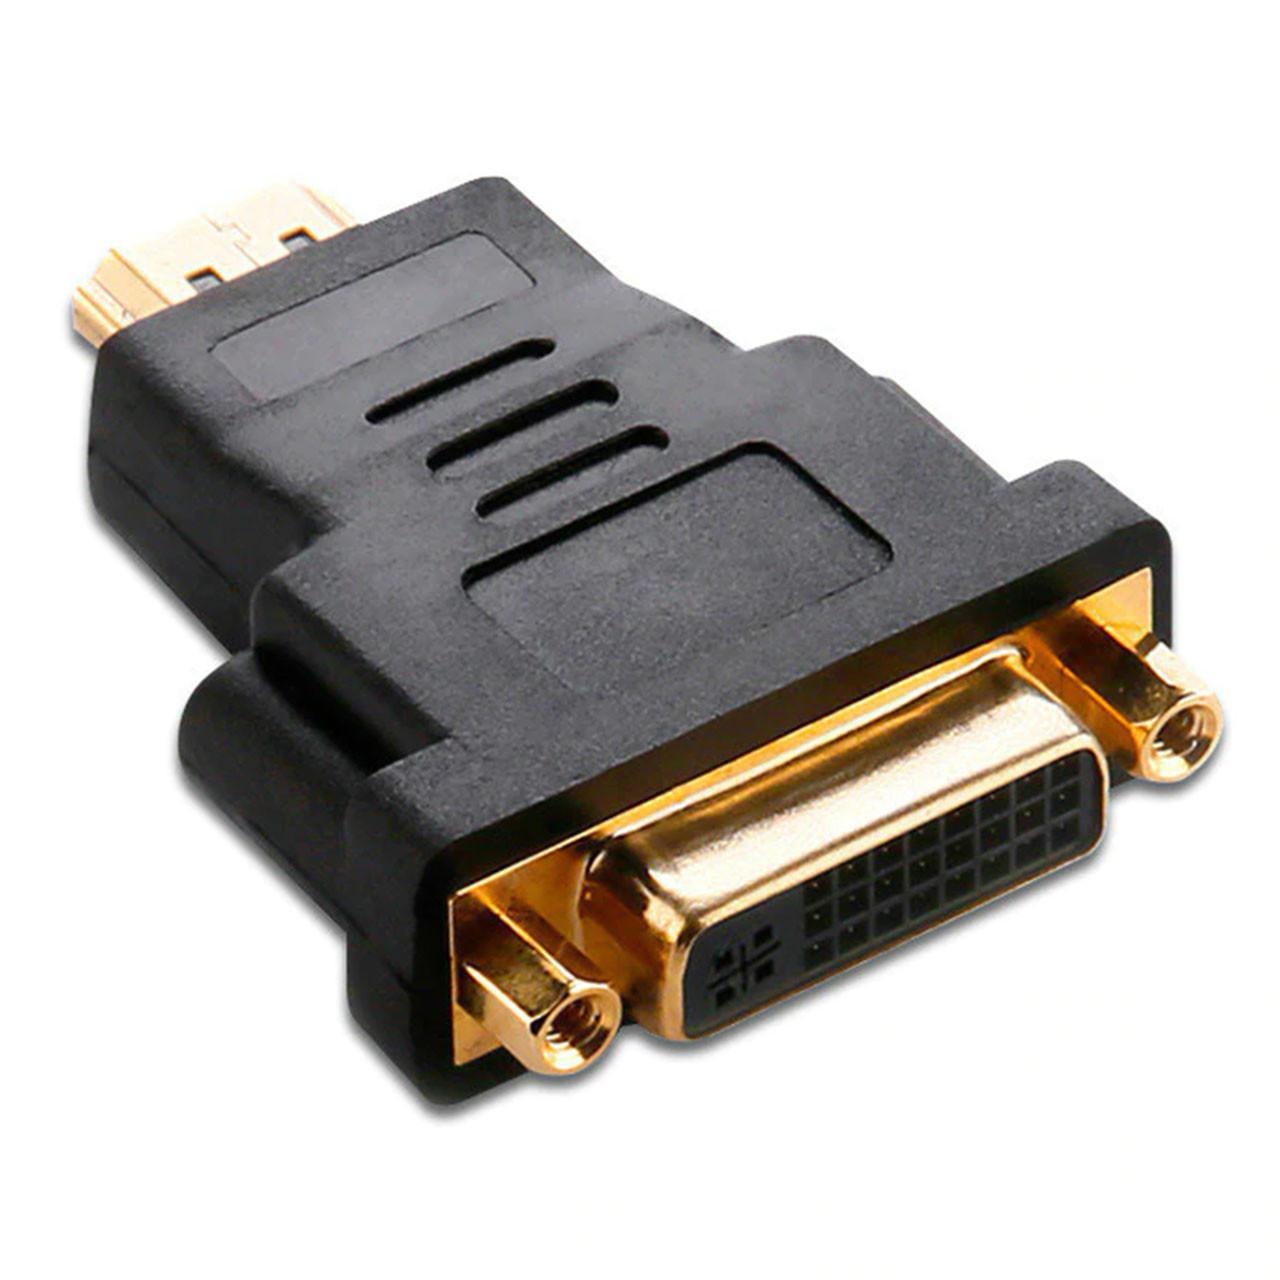 ➤Переходник HDMI-DVI для компьютера и ноутбука передача цифрового сигнала на аналог мультимедийный